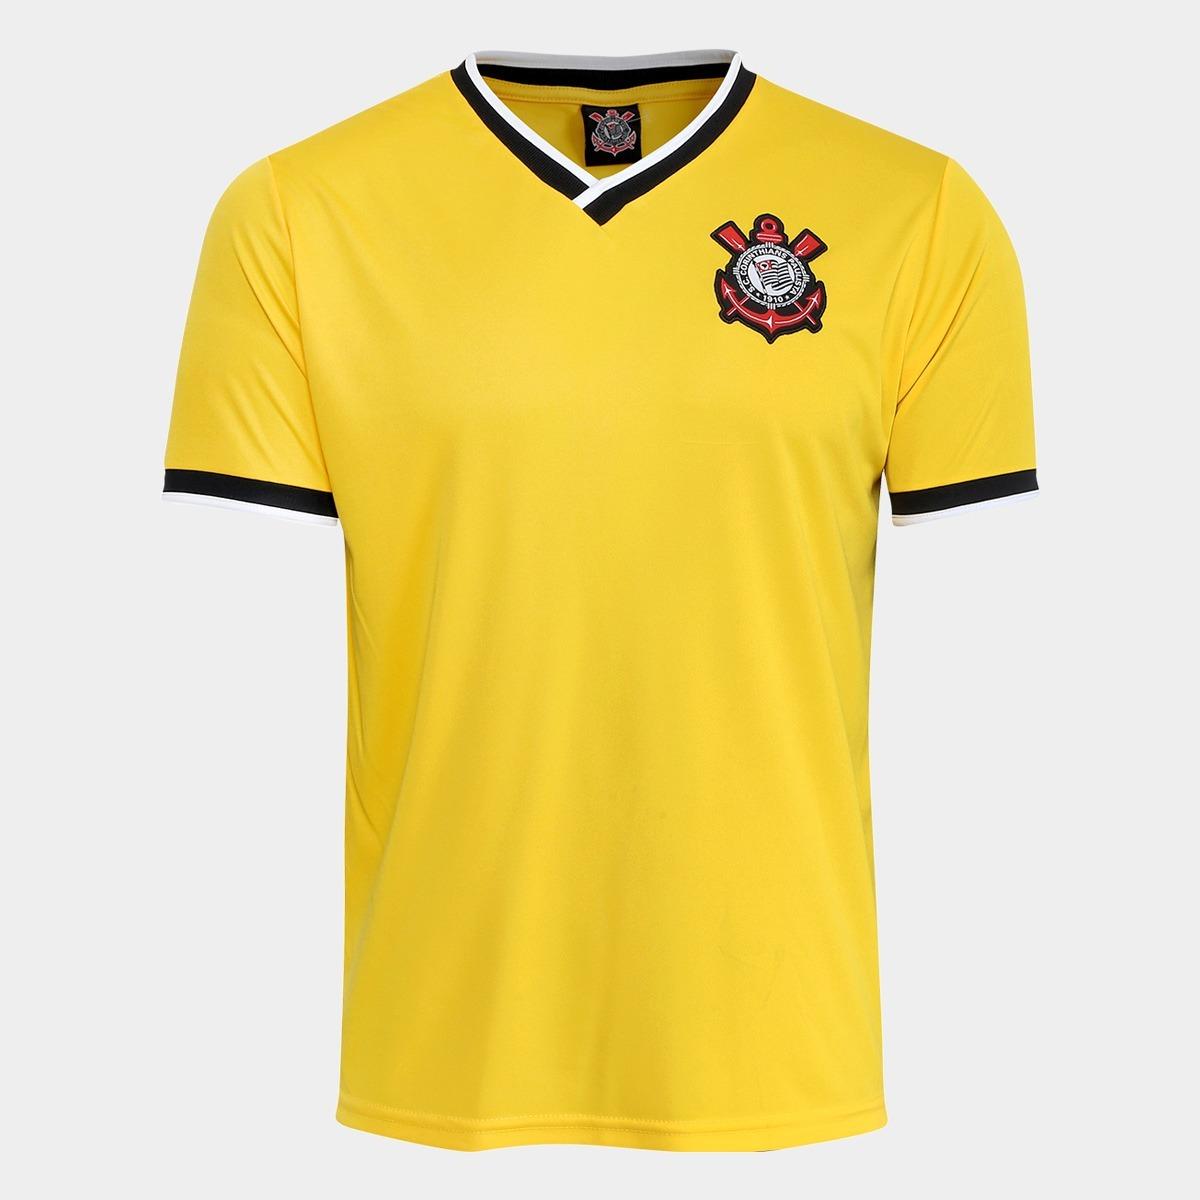 fbd53b3794 camisa corinthians 2014 amarela edição limitada frete grátis. Carregando  zoom.